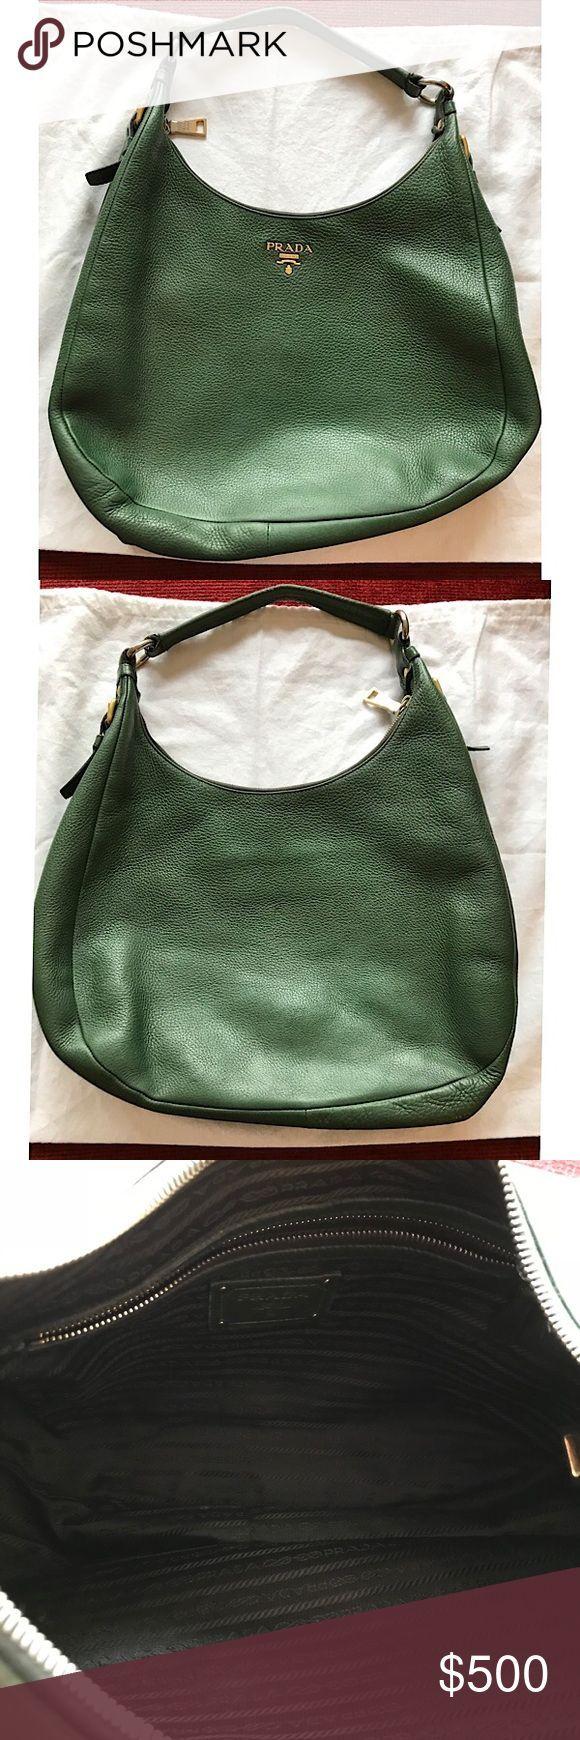 fbf6556eb1240 Prada Emerald Green Bag Wunderschöne smaragdgrüne Prada Tasche. Geräumig